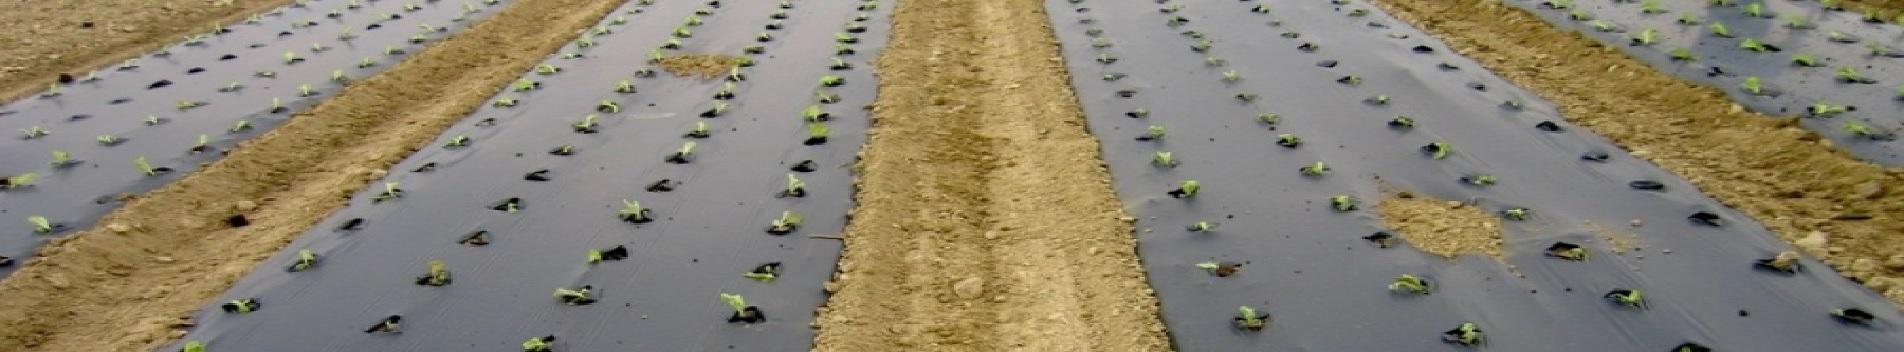 El Parlamento Europeo apoya el uso de film biodegradable en agricultura